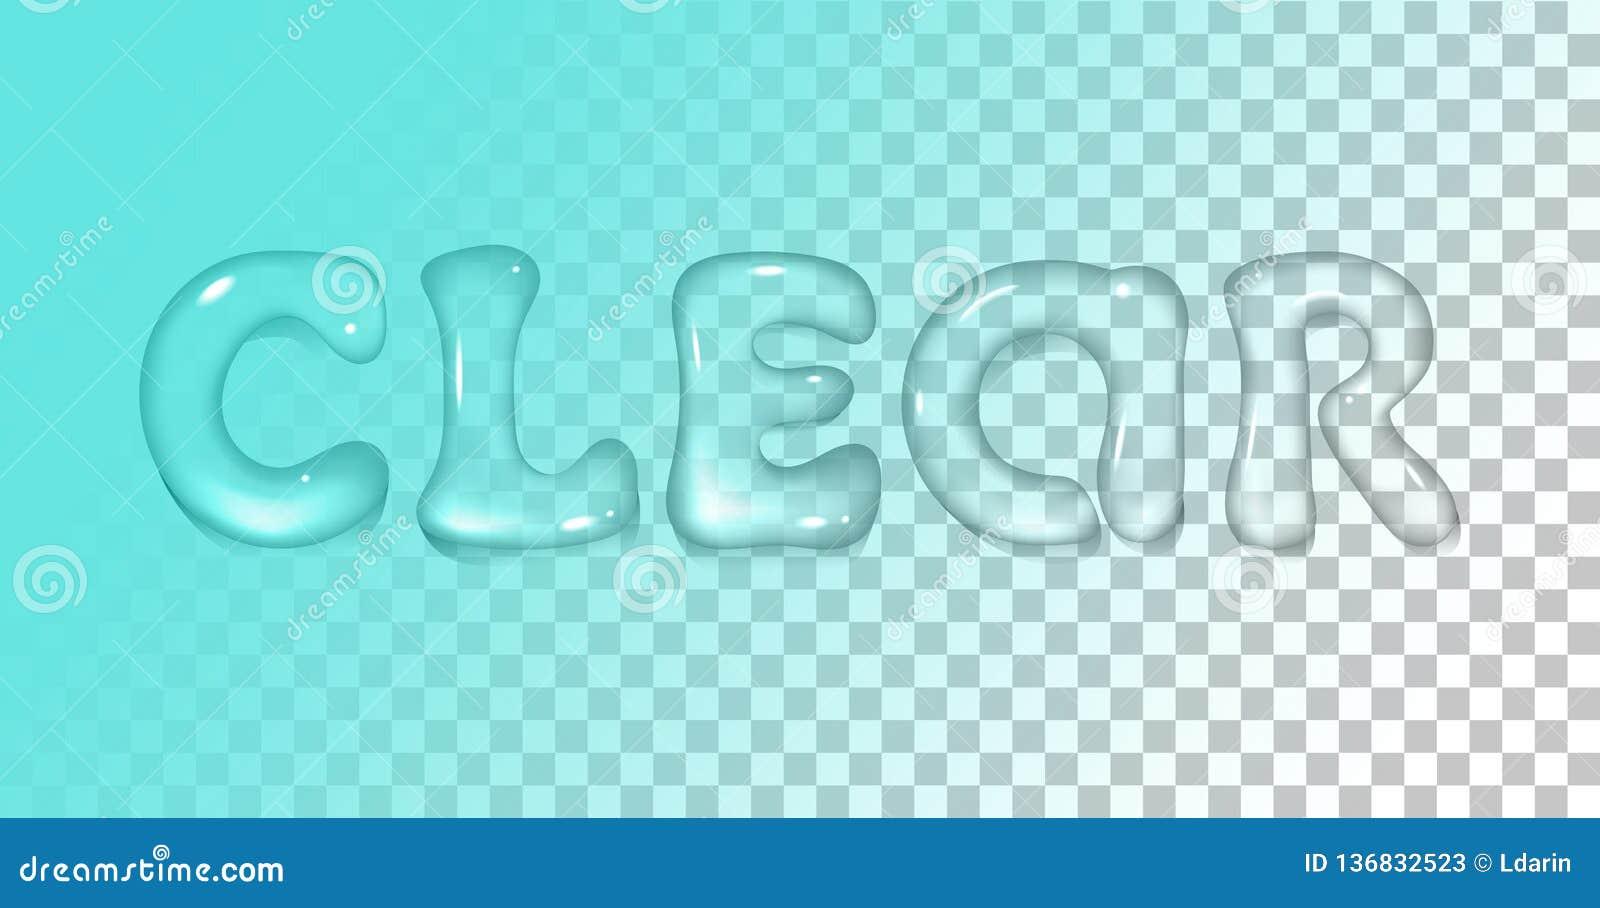 Fonte realistica dell acqua di vettore su fondo trasparente Iscrizione della radura con lettere